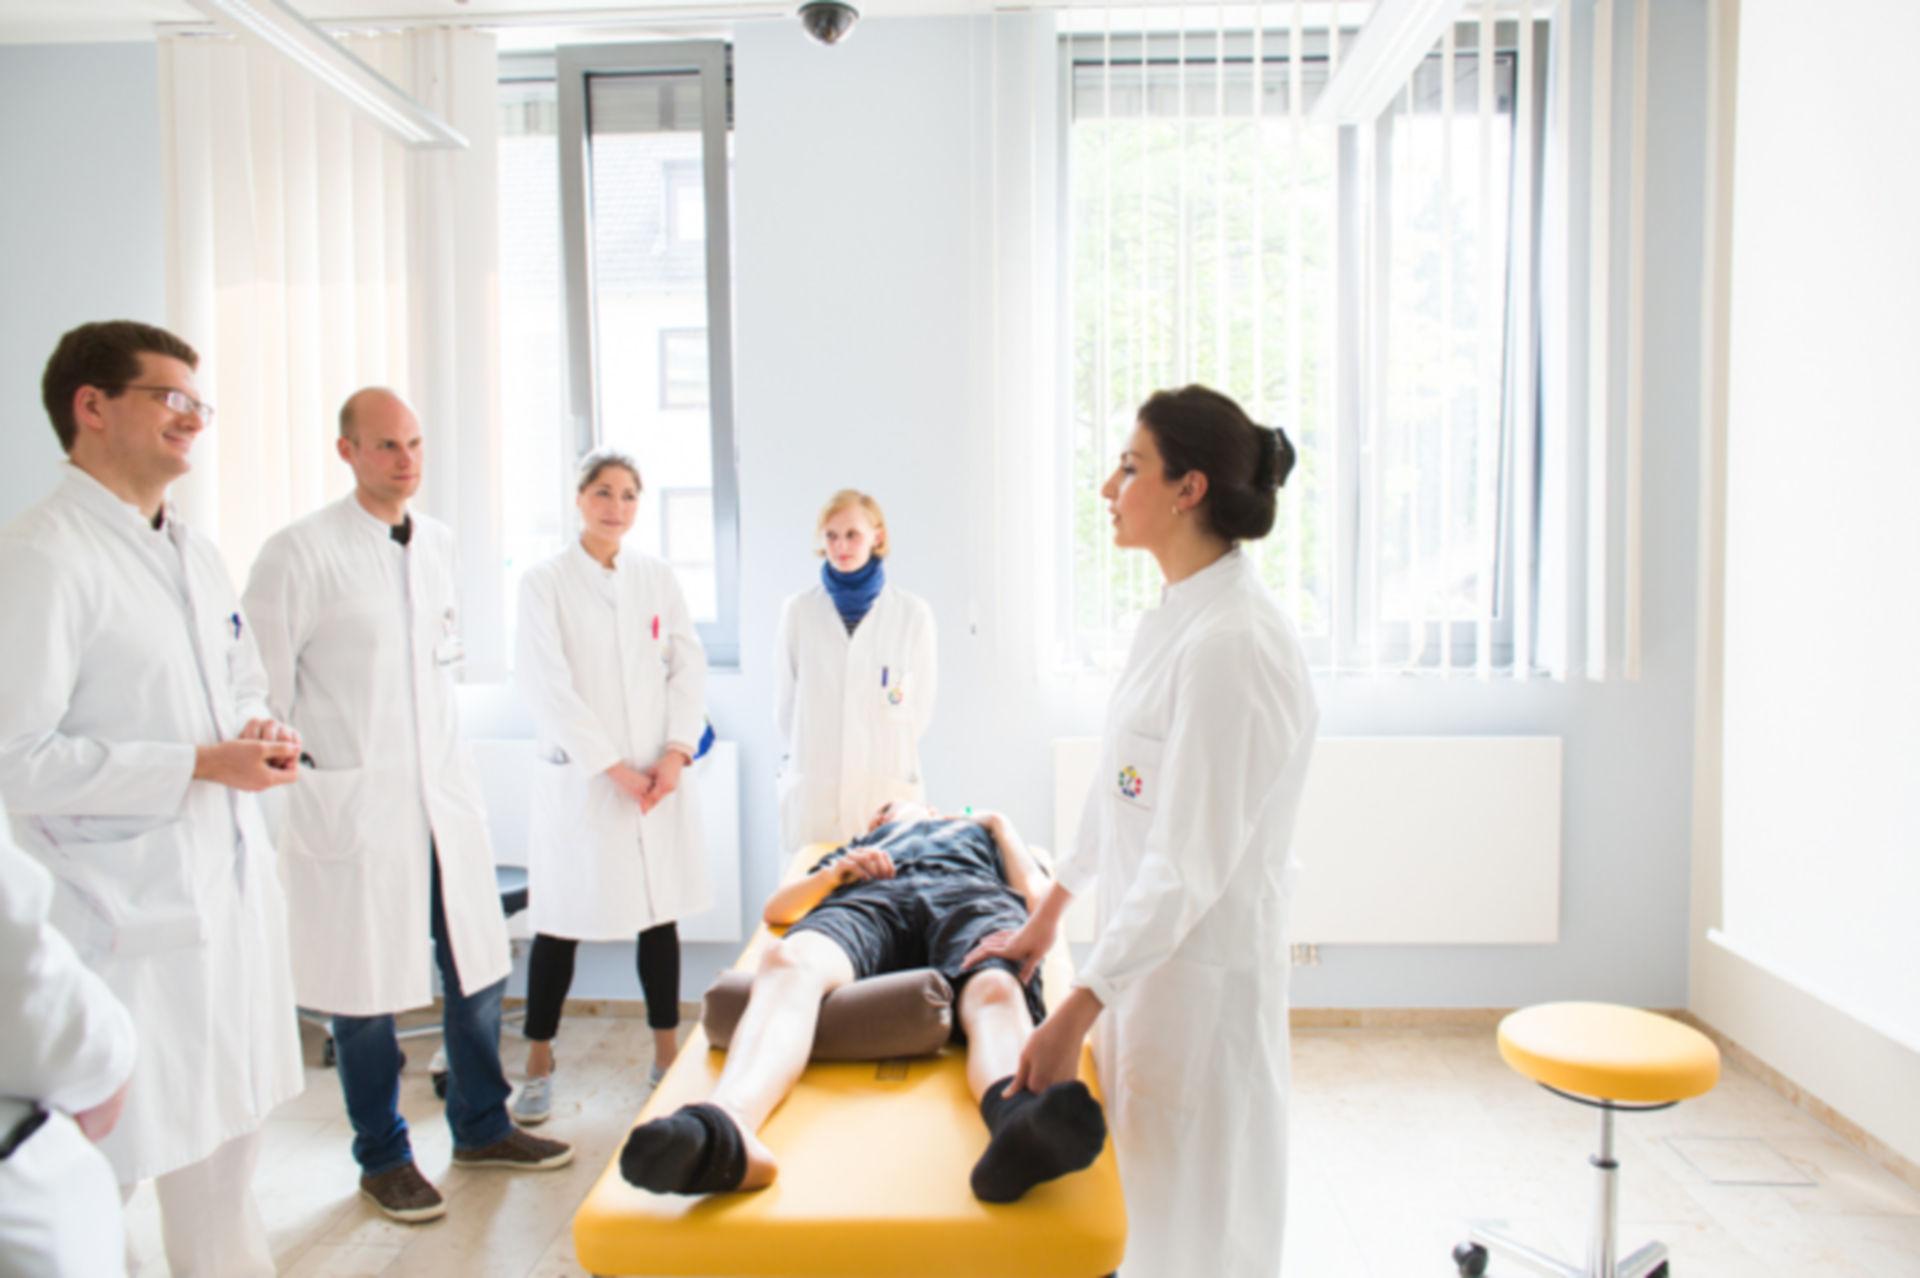 Centro de docencia y estudios de la facultad de medicina de la Universidad de Duisburg-Essen